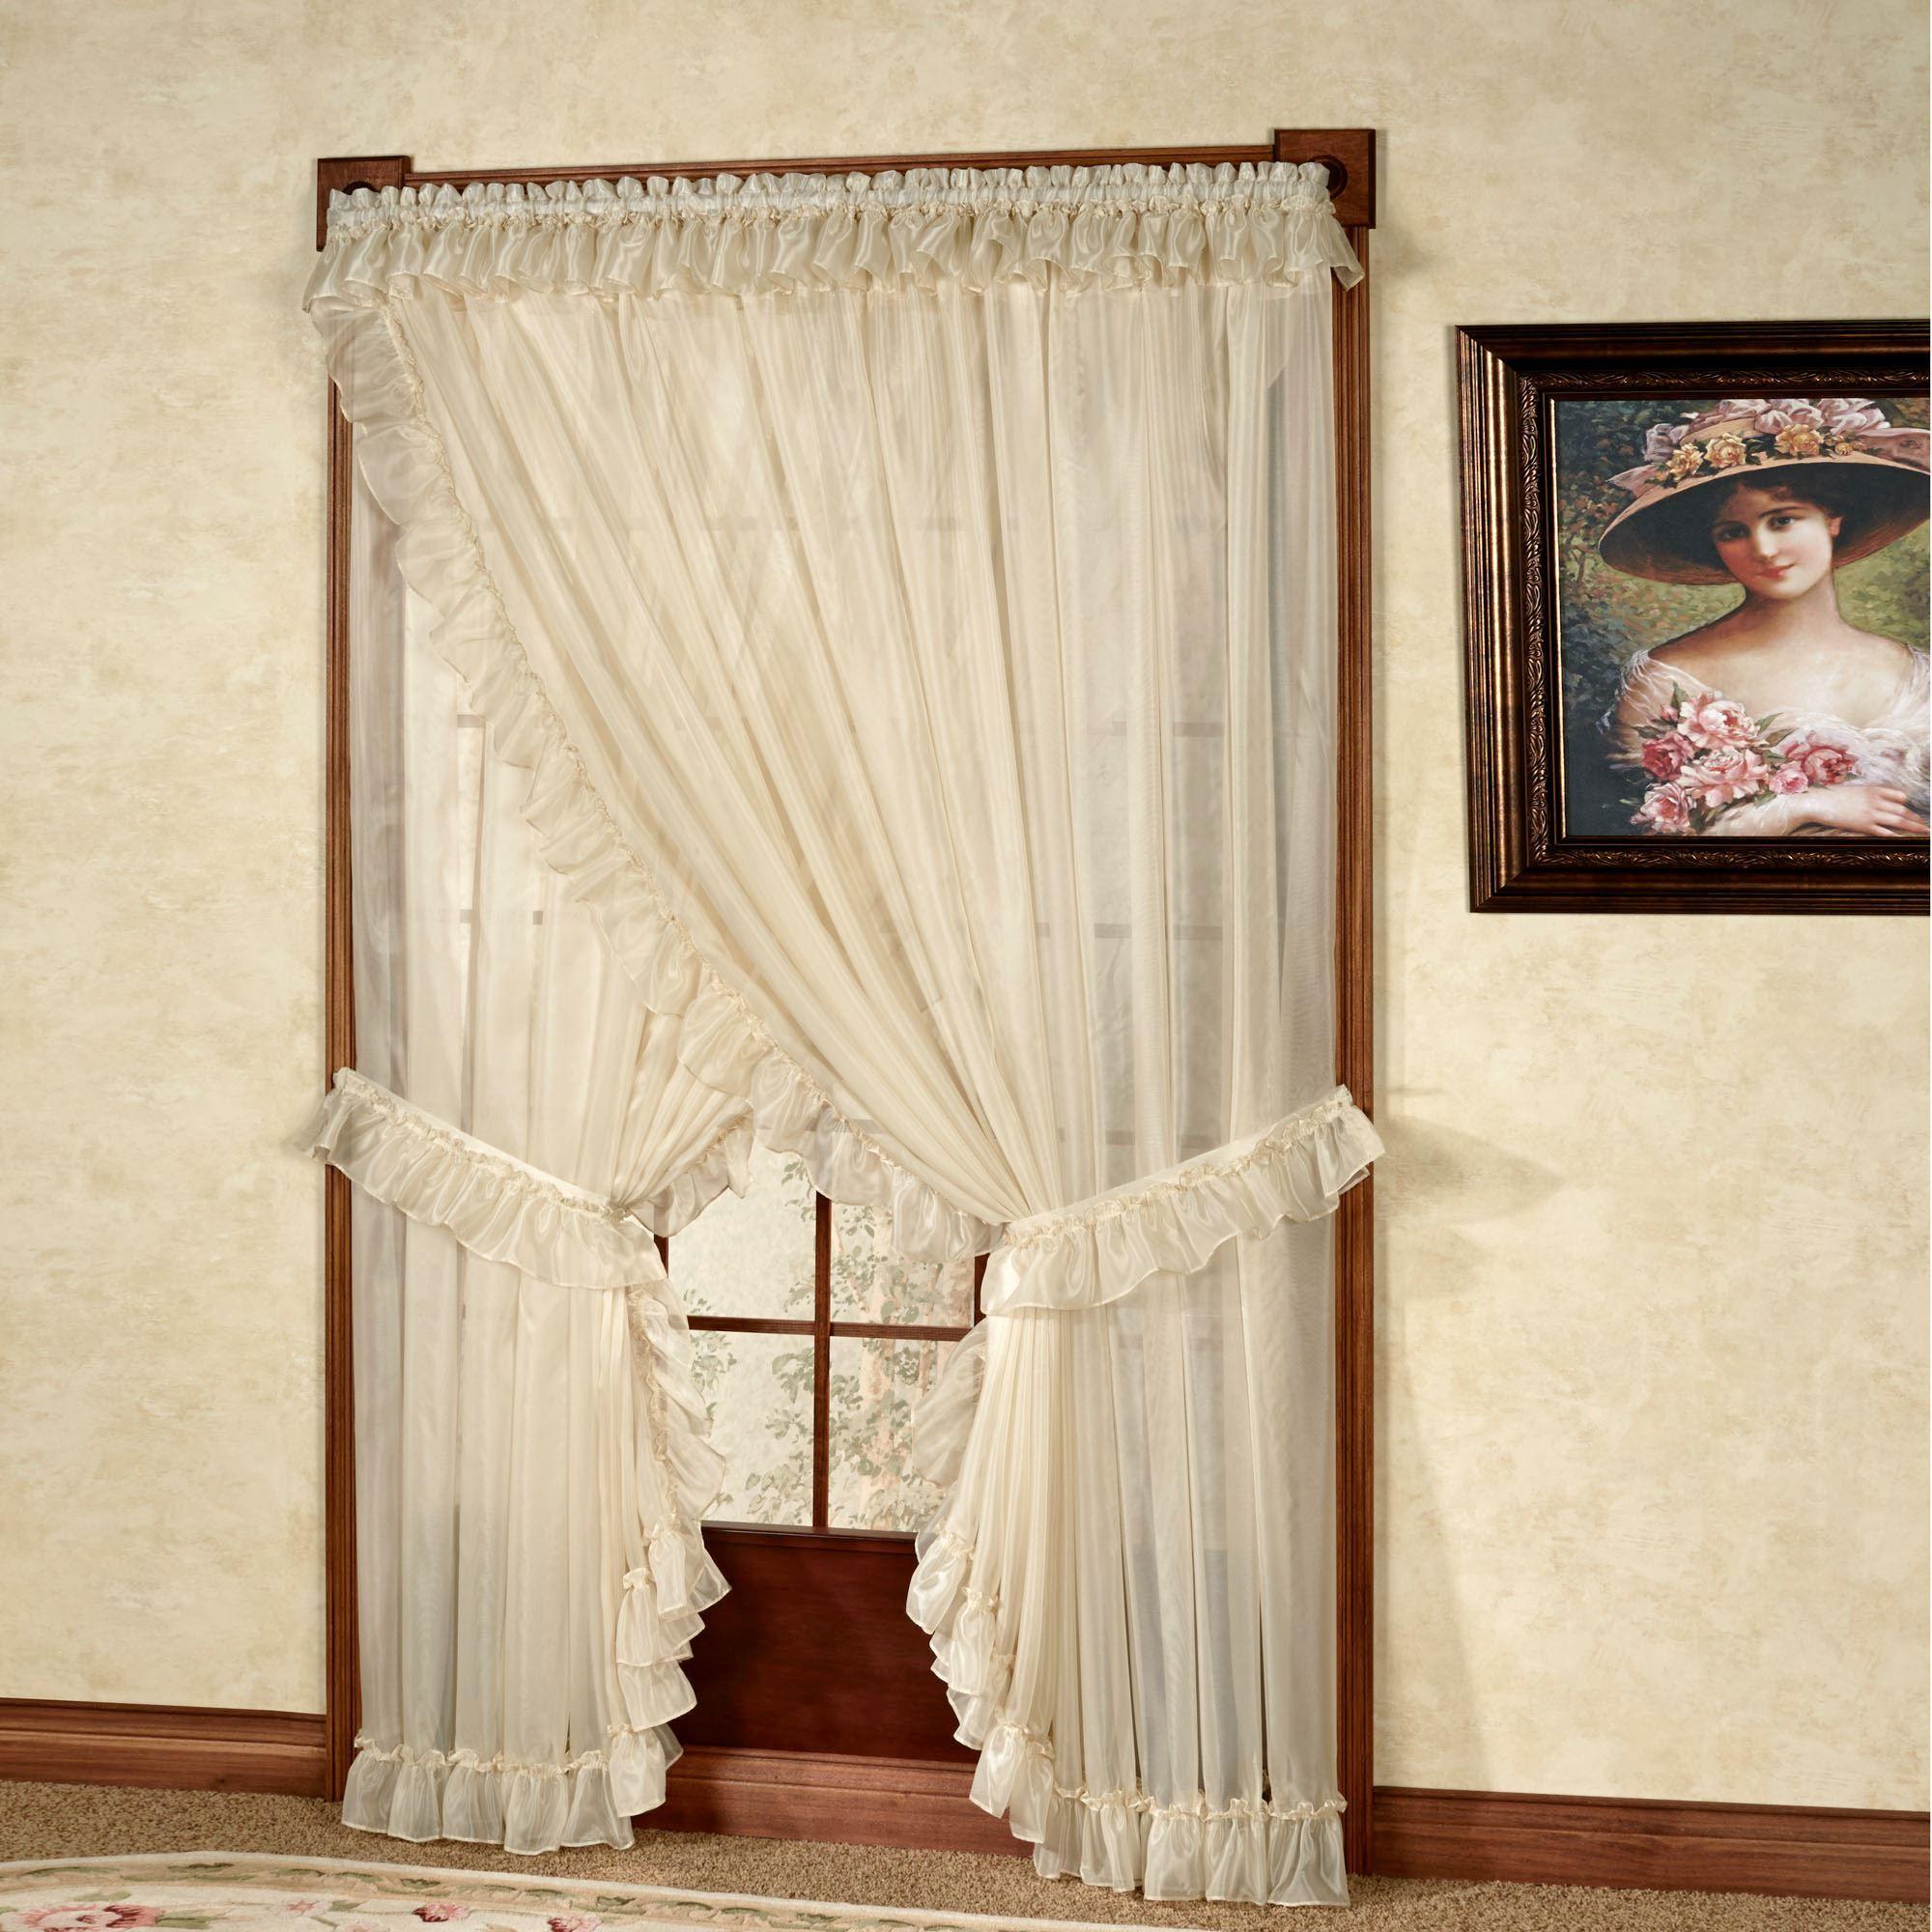 Priscilla Curtains Walmart Best Home Decorating Ideas